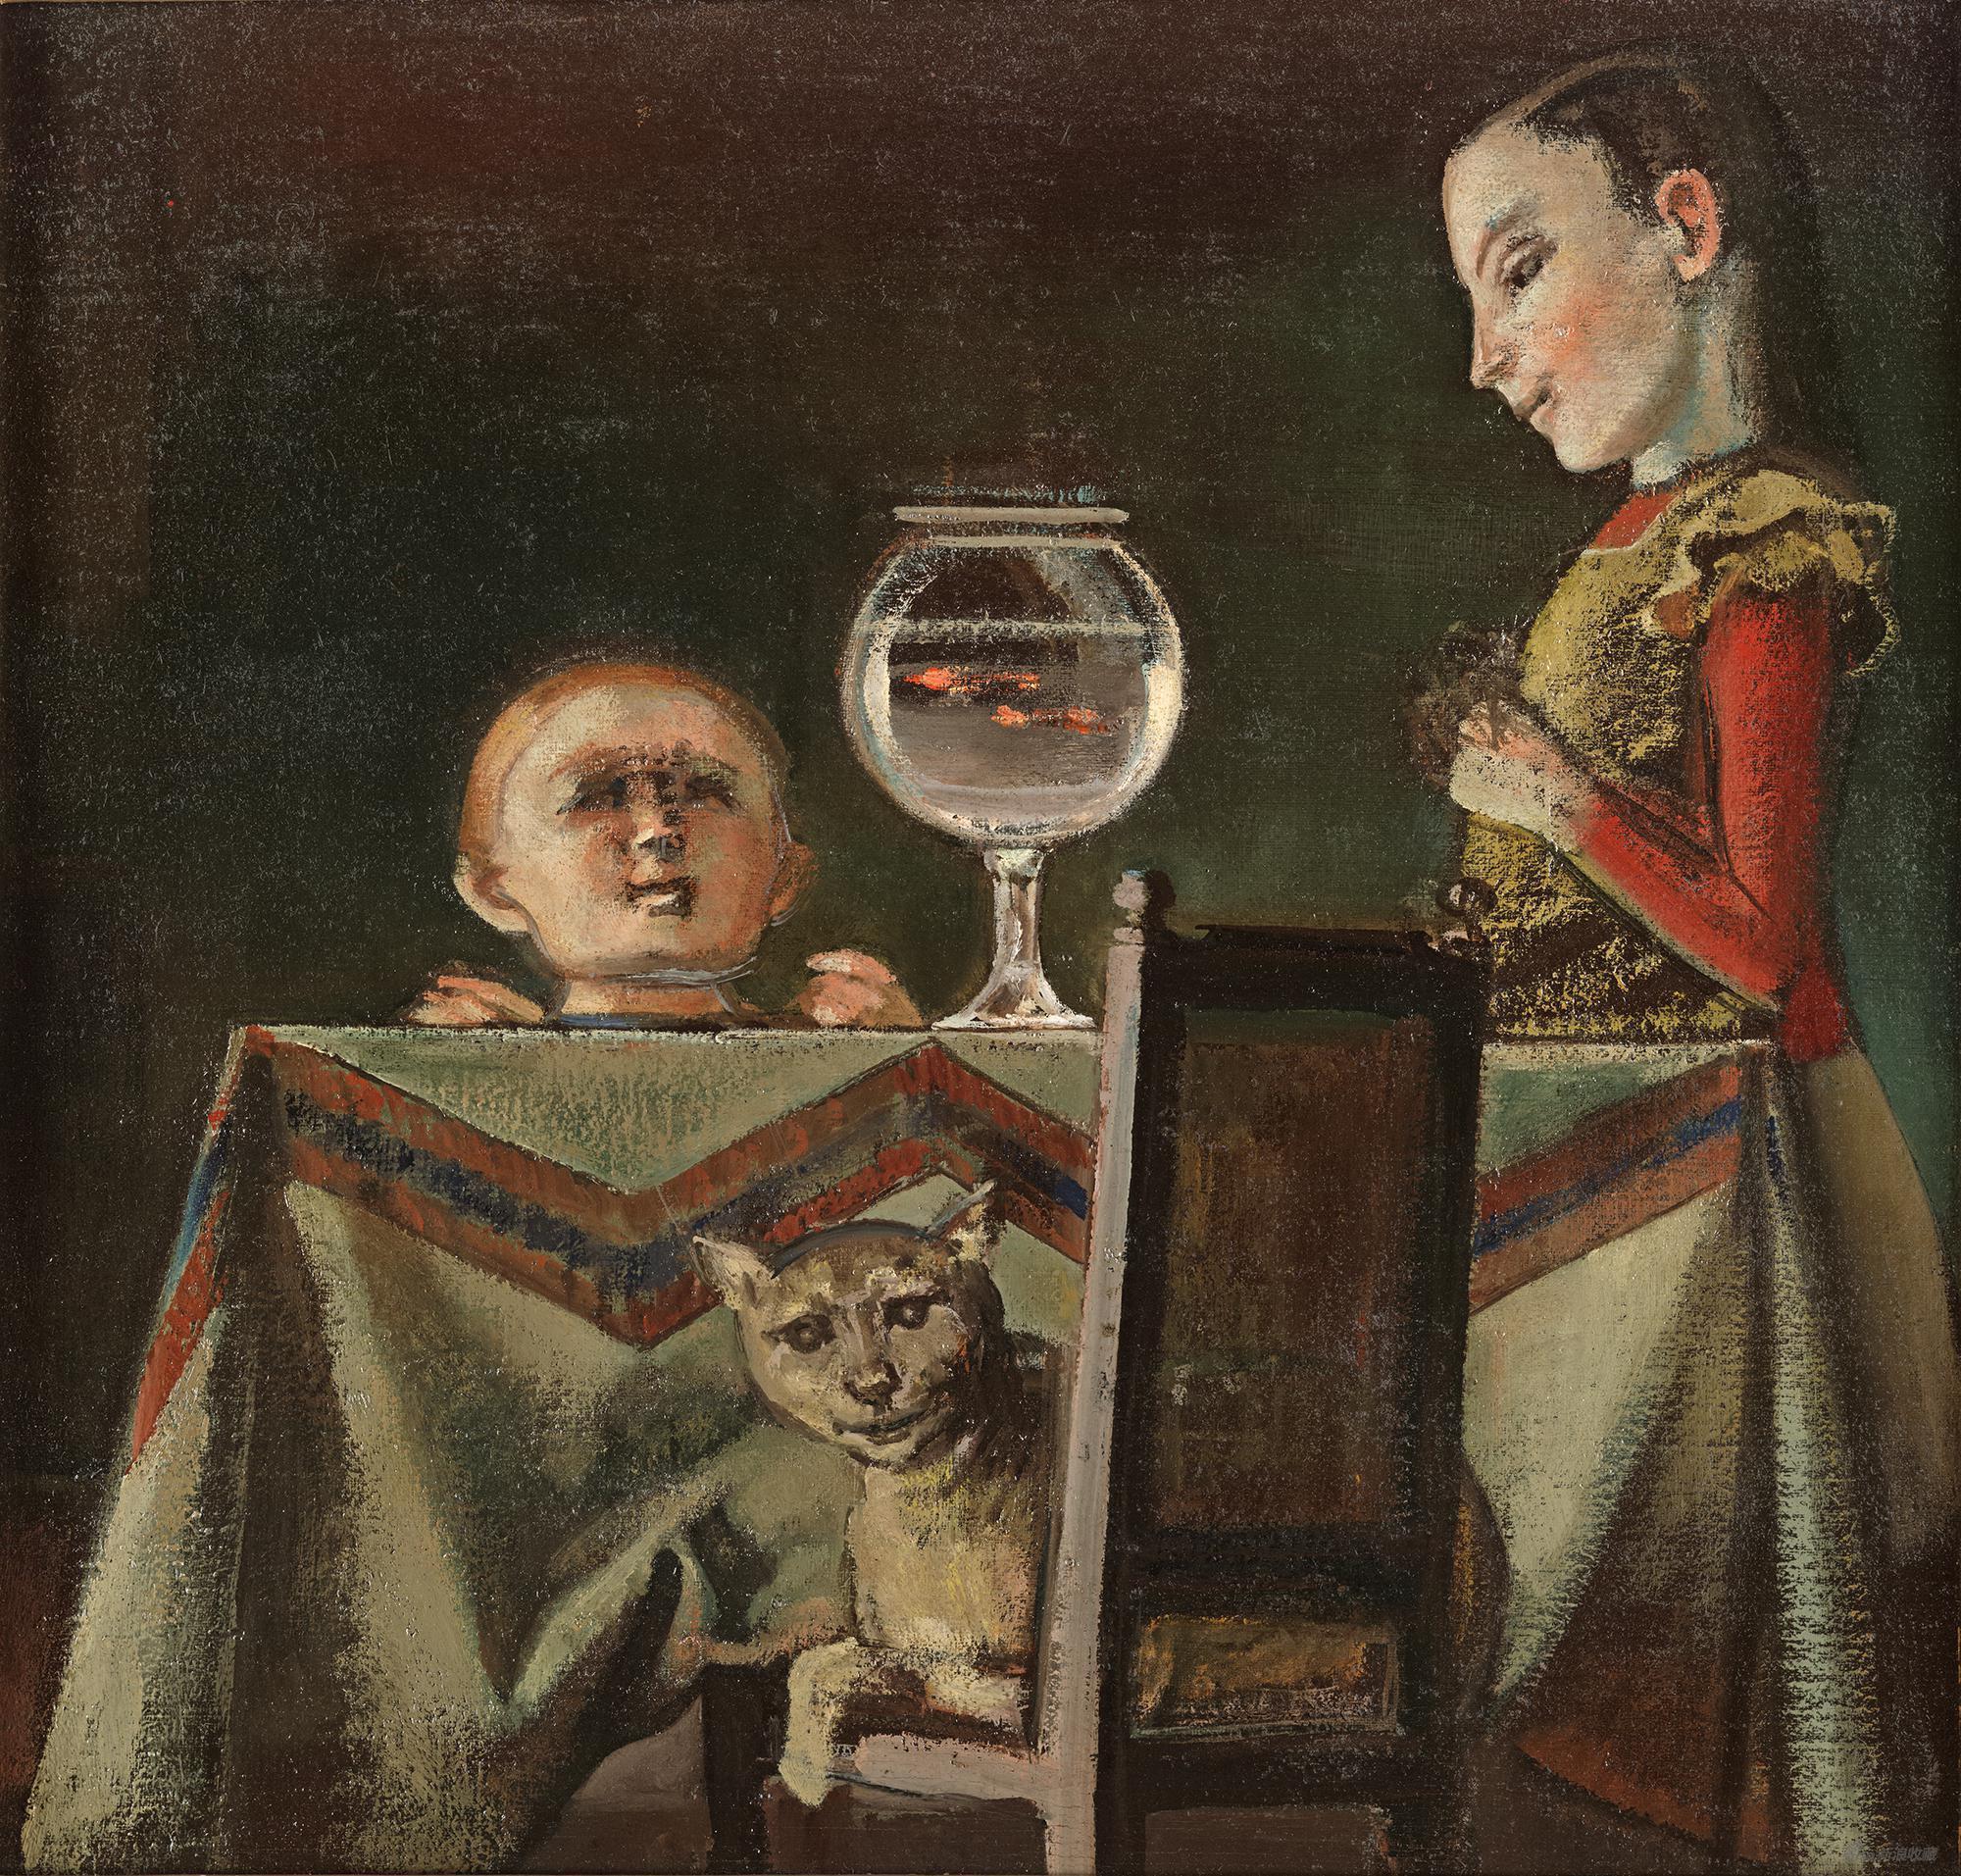 女孩与金鱼,巴尔蒂斯,布面油画,60.3×62.8cm,1948年